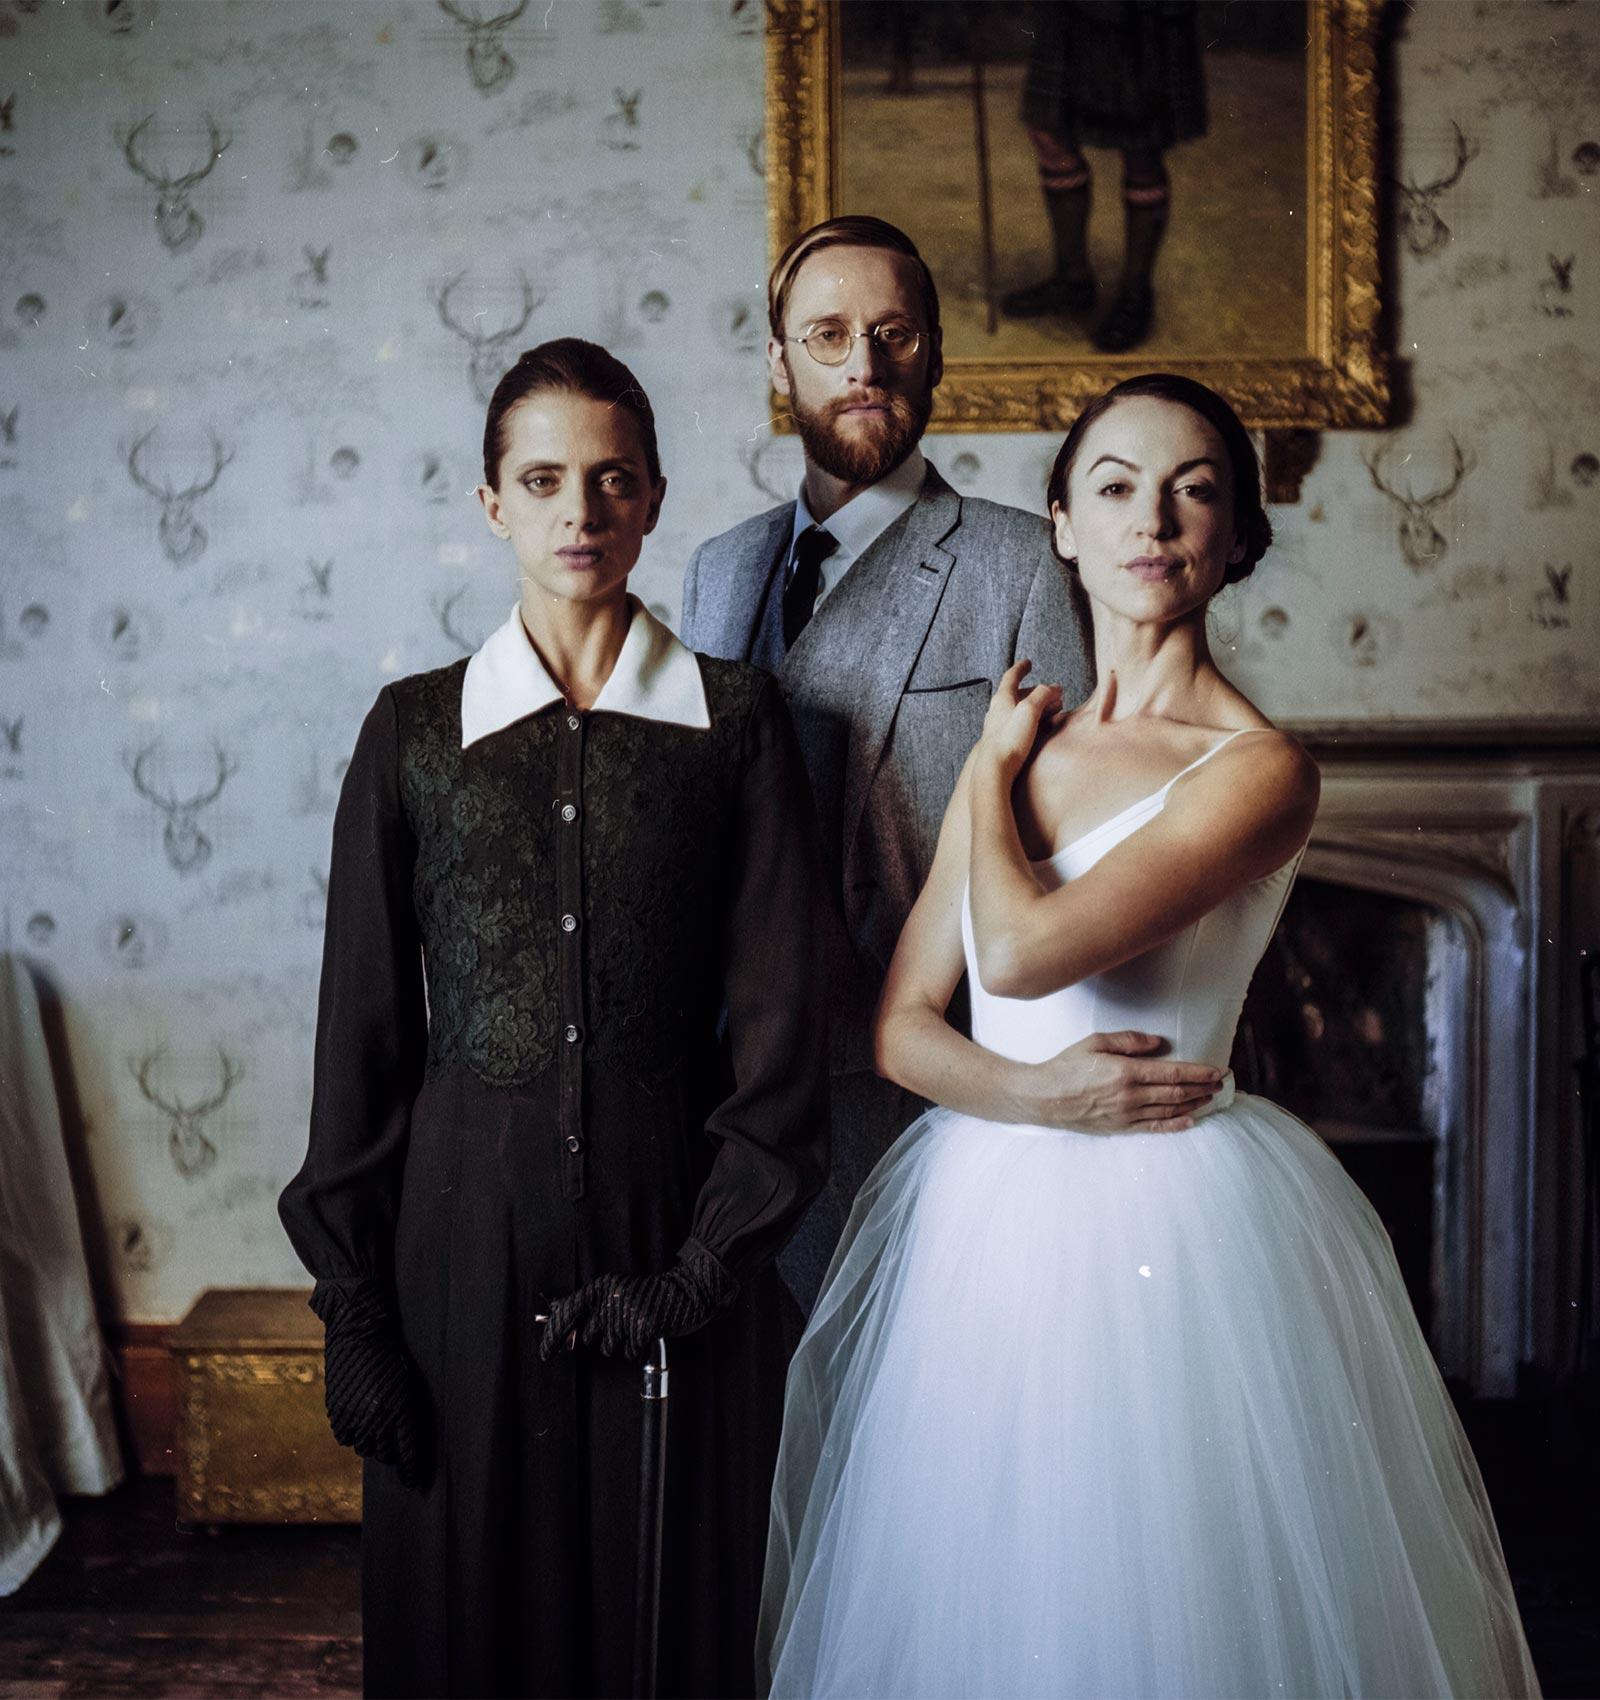 Beatrice Van Adult pic Rooney Mara,Veronica Sywak